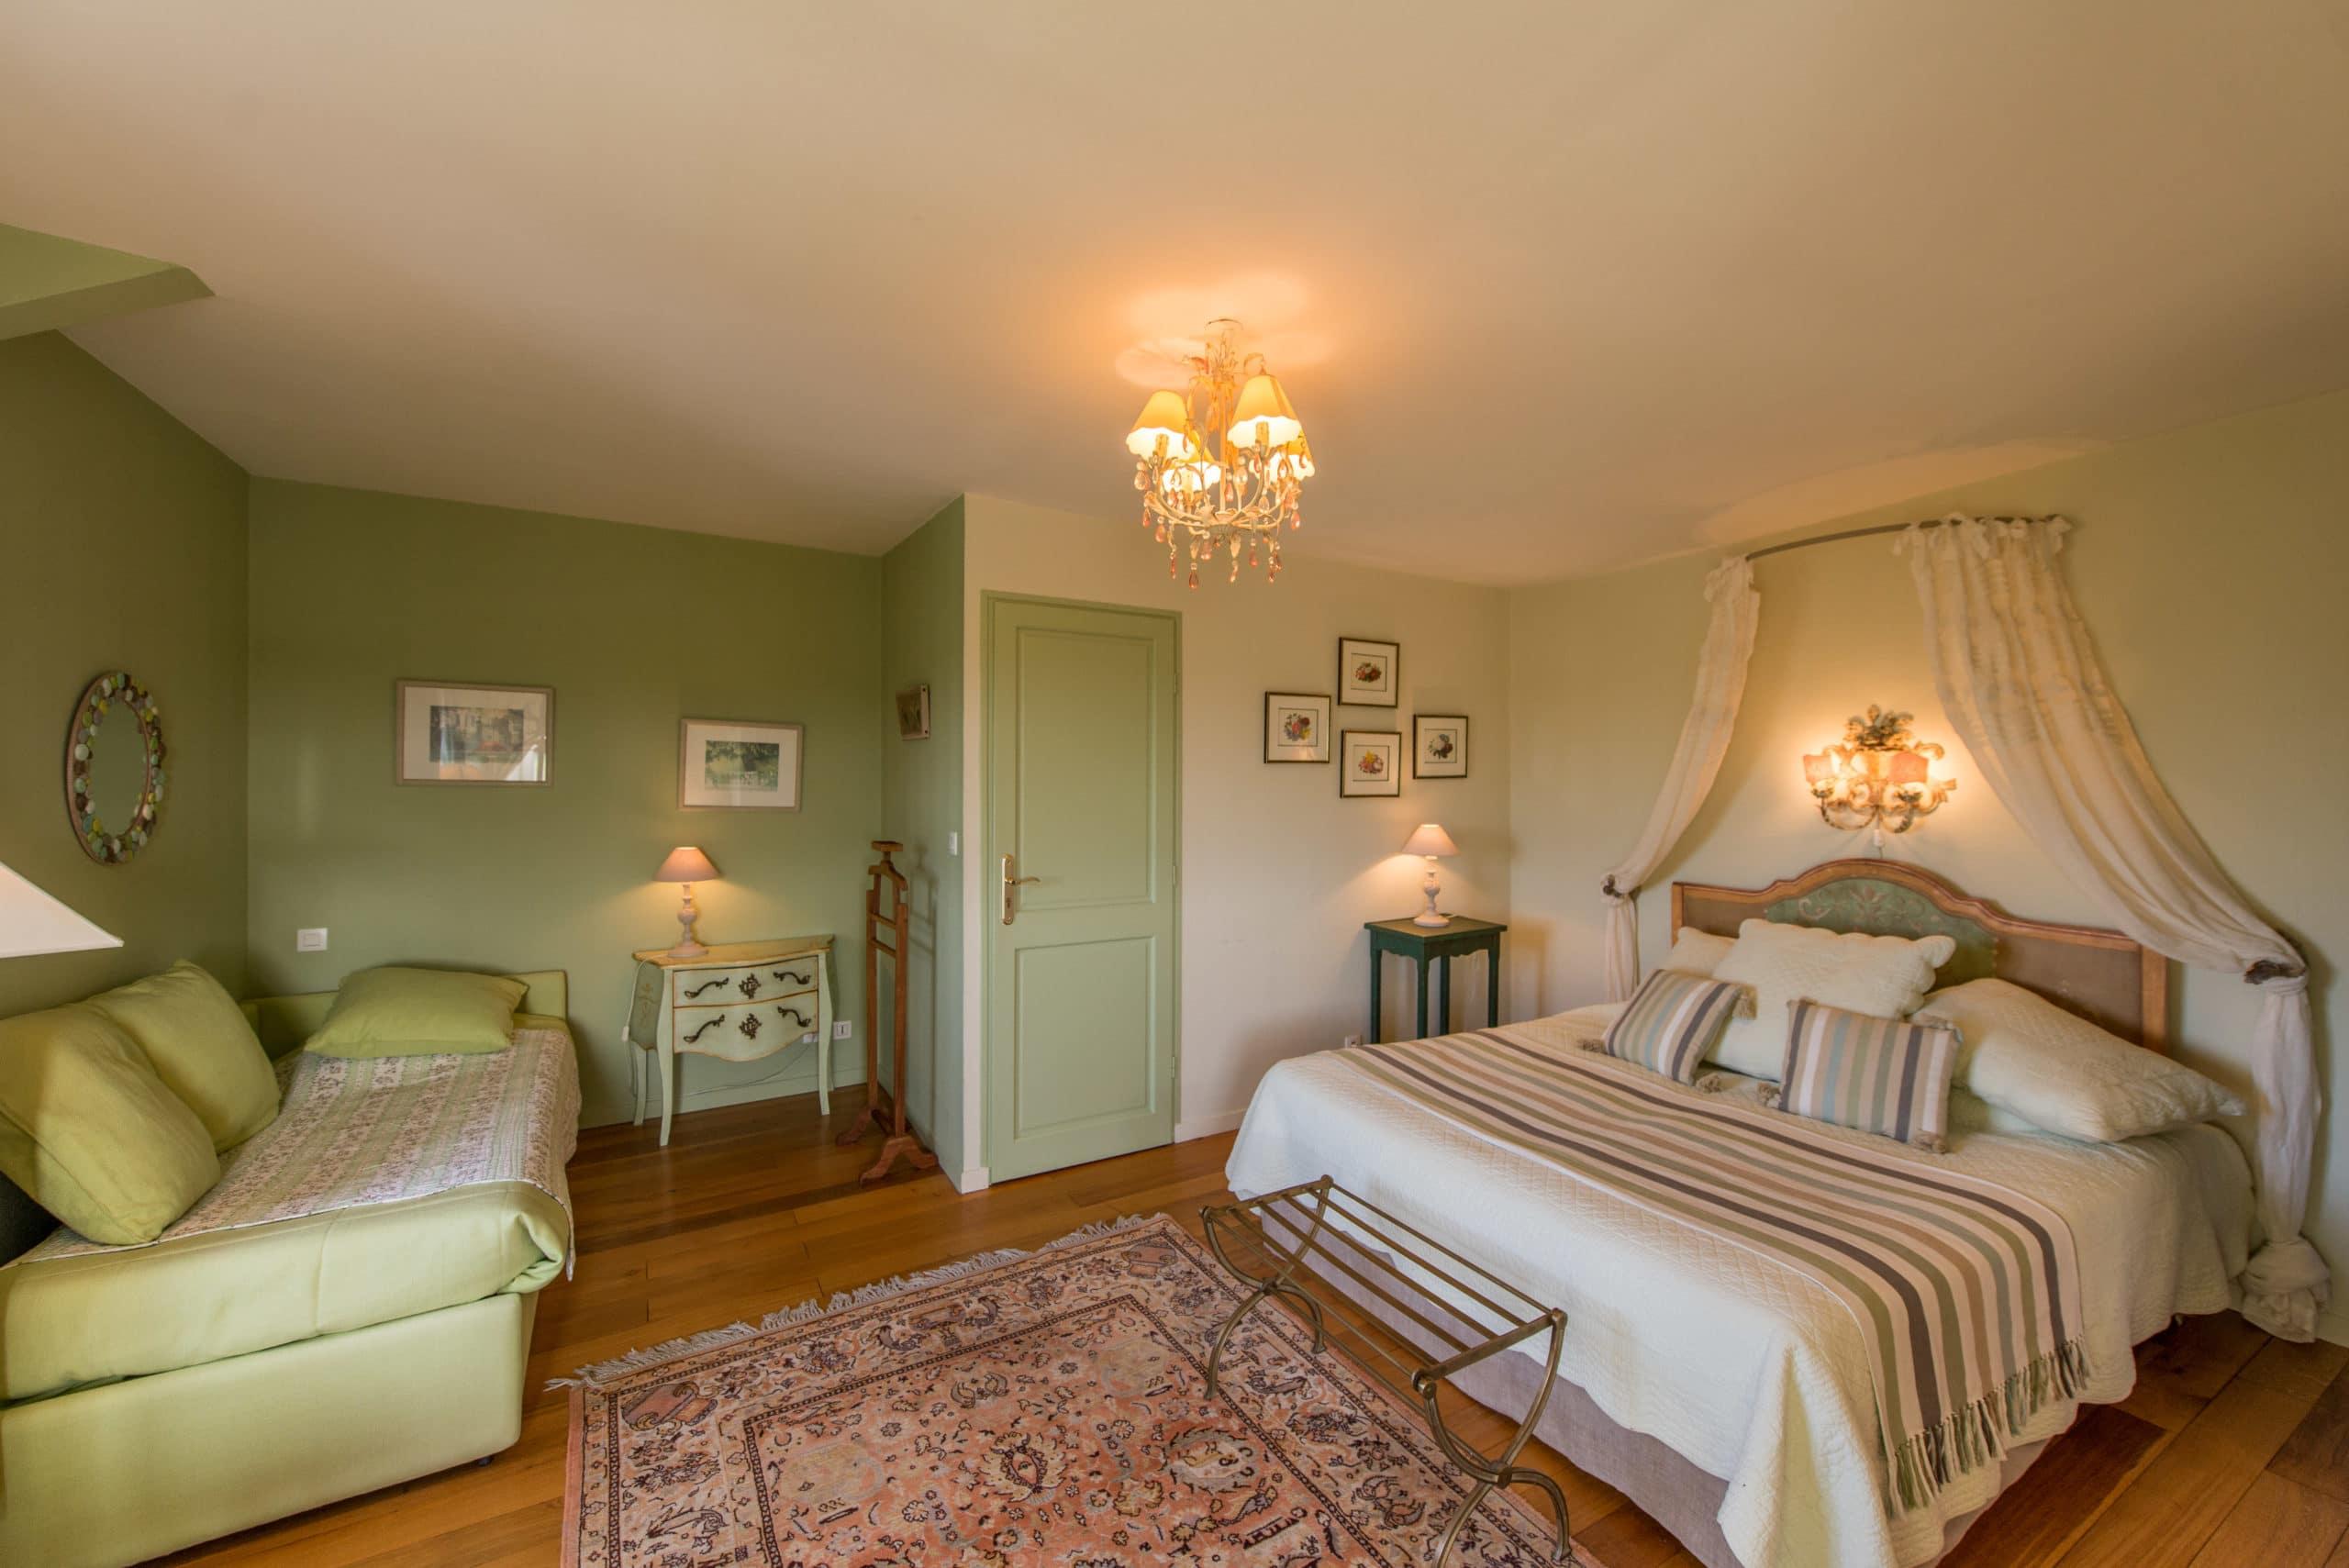 B&B-La-Barbinais-chambres-dhotes-saint-malo-cezembre-lit-appoint